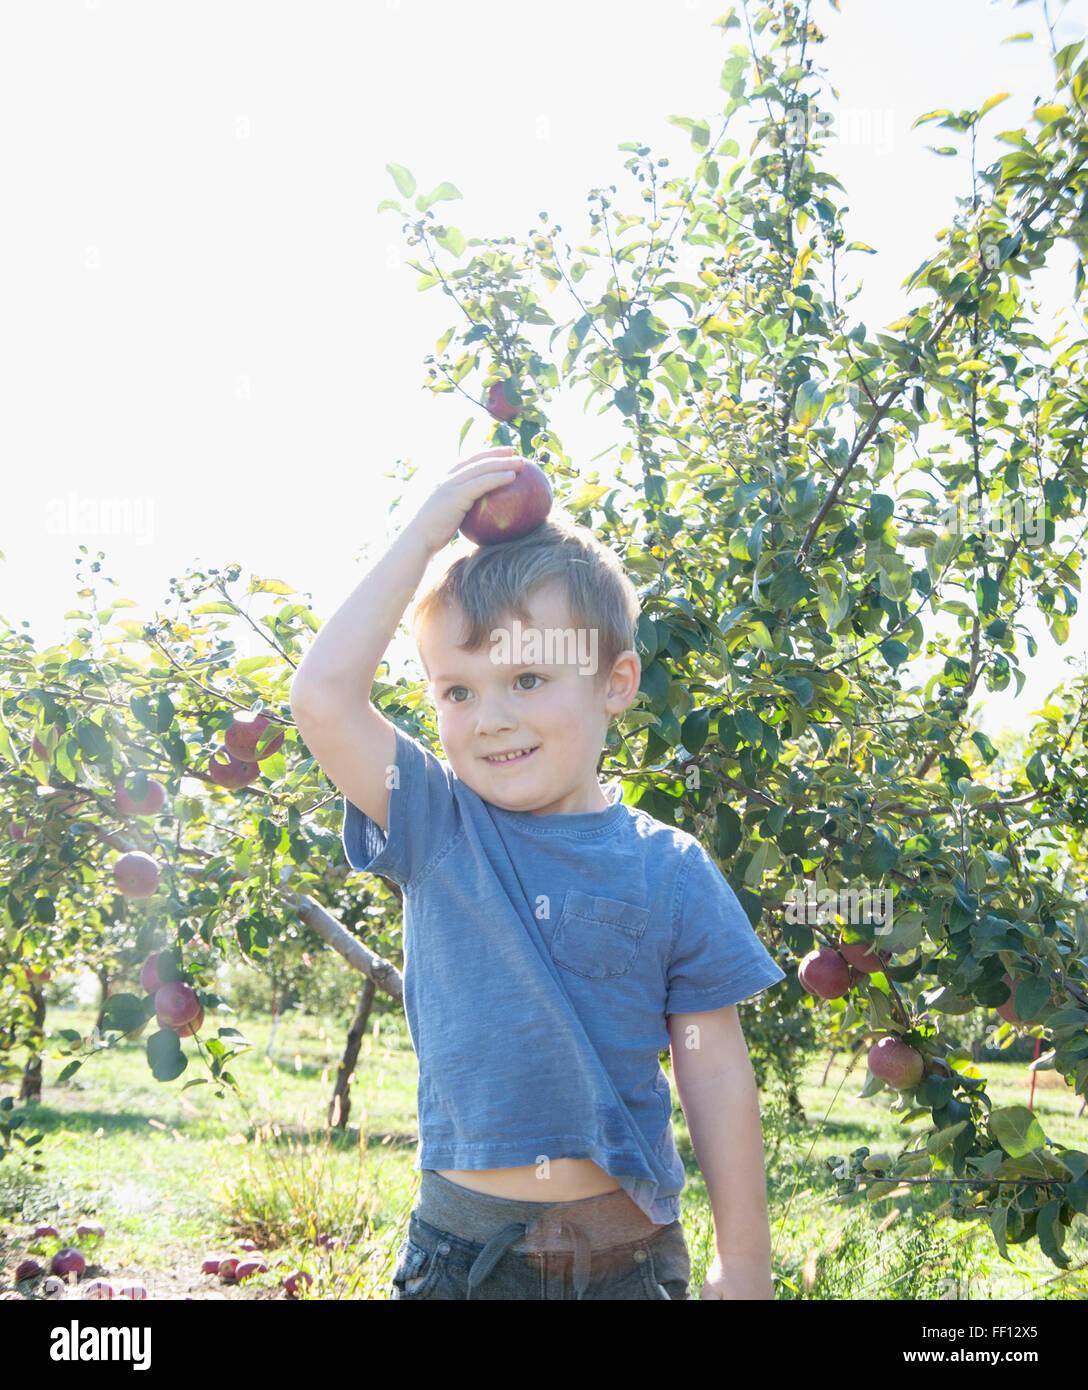 Junge Ausgleich Apfel auf den Kopf im Obstgarten Stockbild